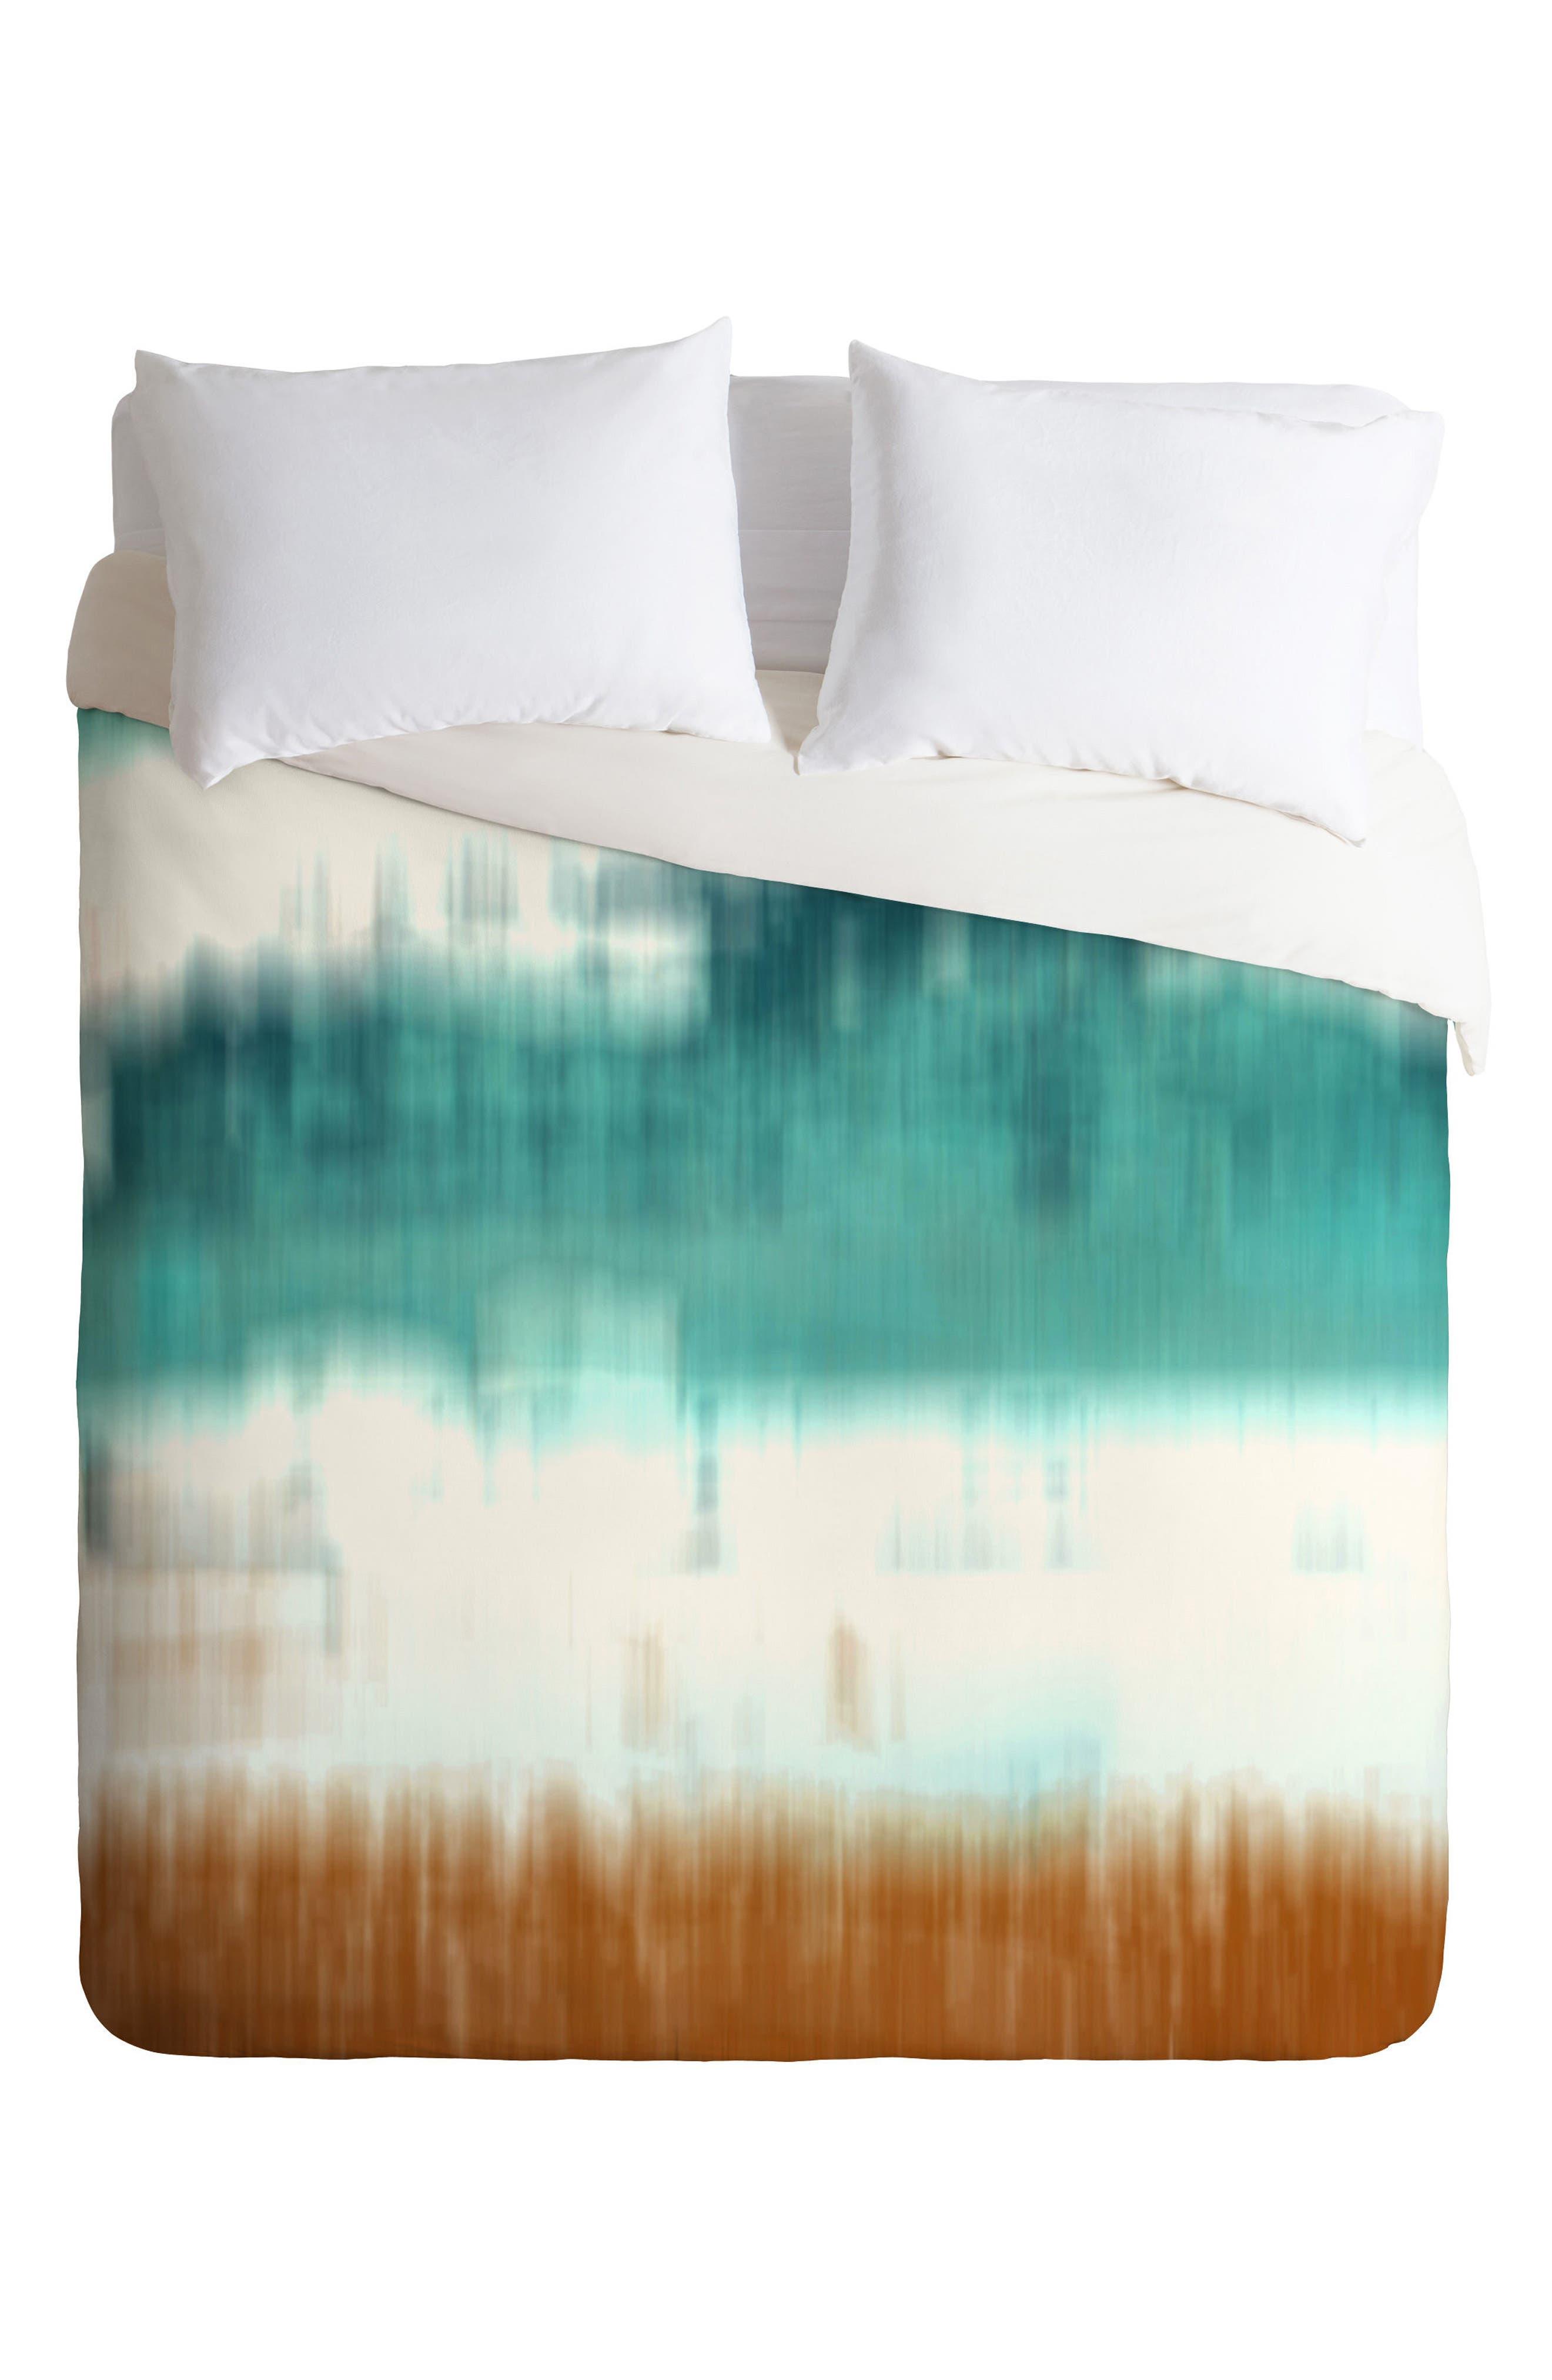 Seascape Duvet Cover & Sham Set,                         Main,                         color, 440